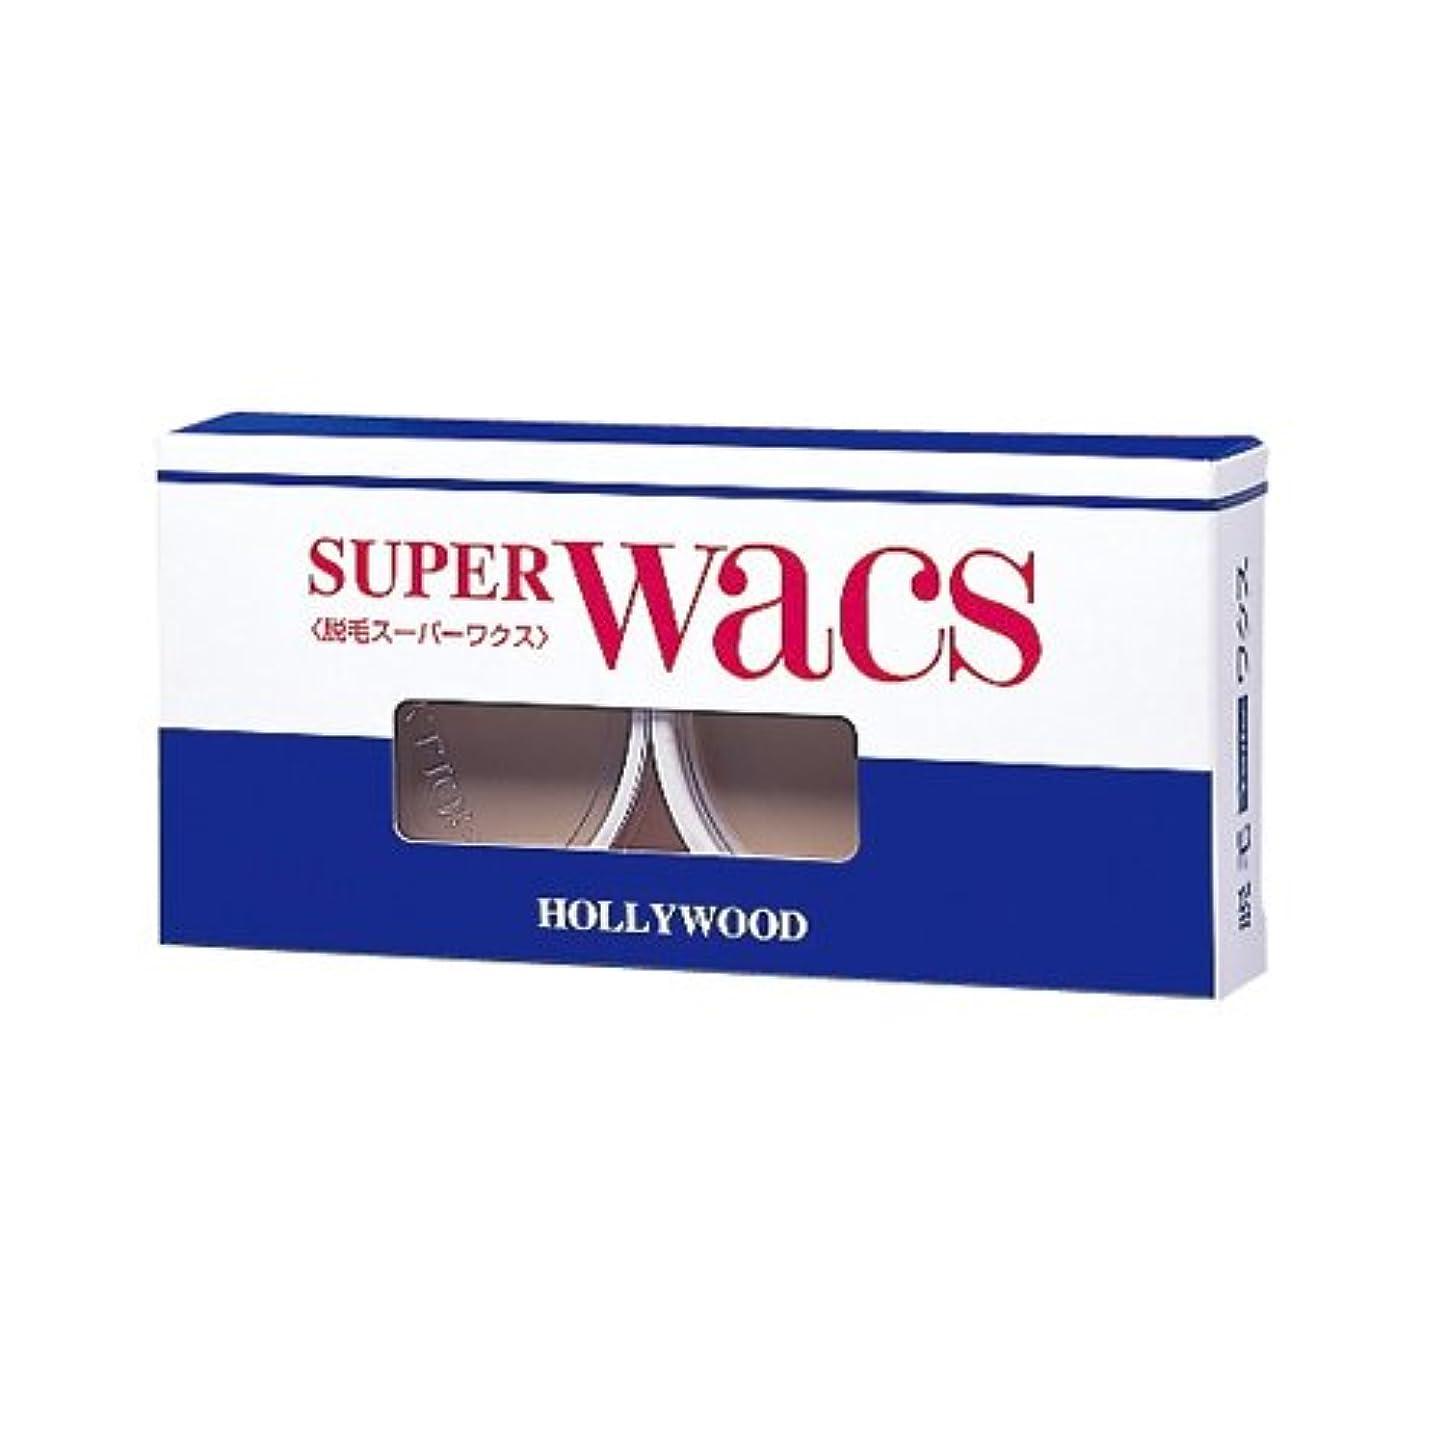 ハイランドプラスチック落ち込んでいるハリウッド 脱毛スーパーワクス (強力) (50g × 2)